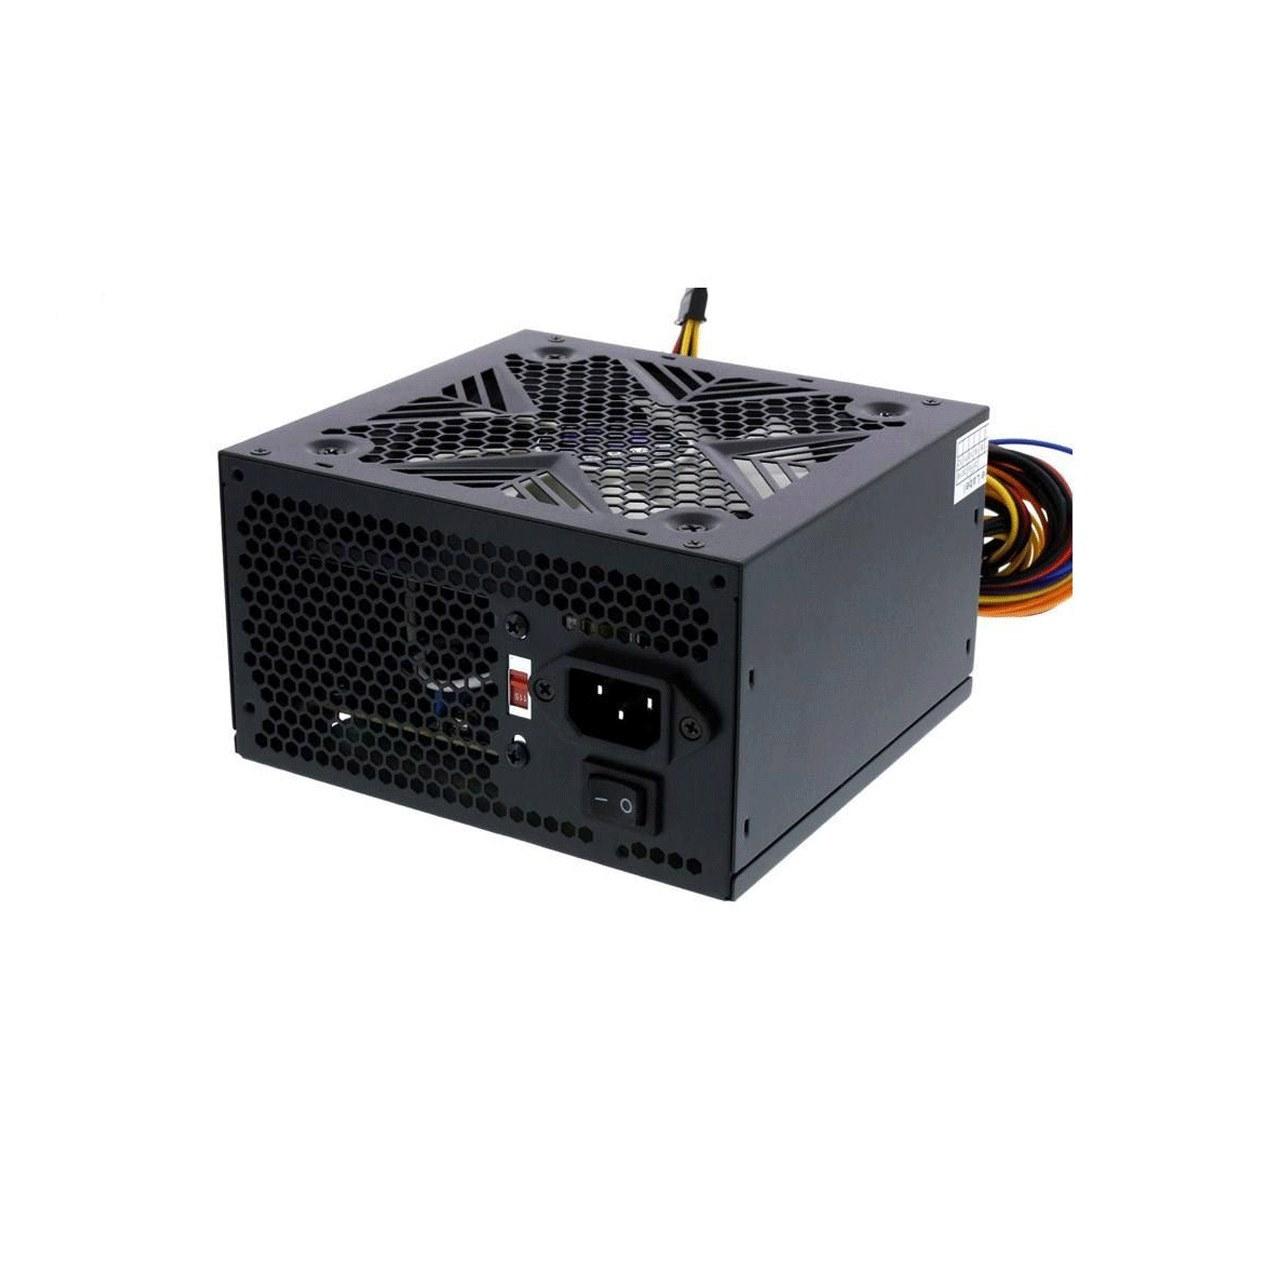 تصویر منبع تغذیه ریدمکس مدل RX-400-XT